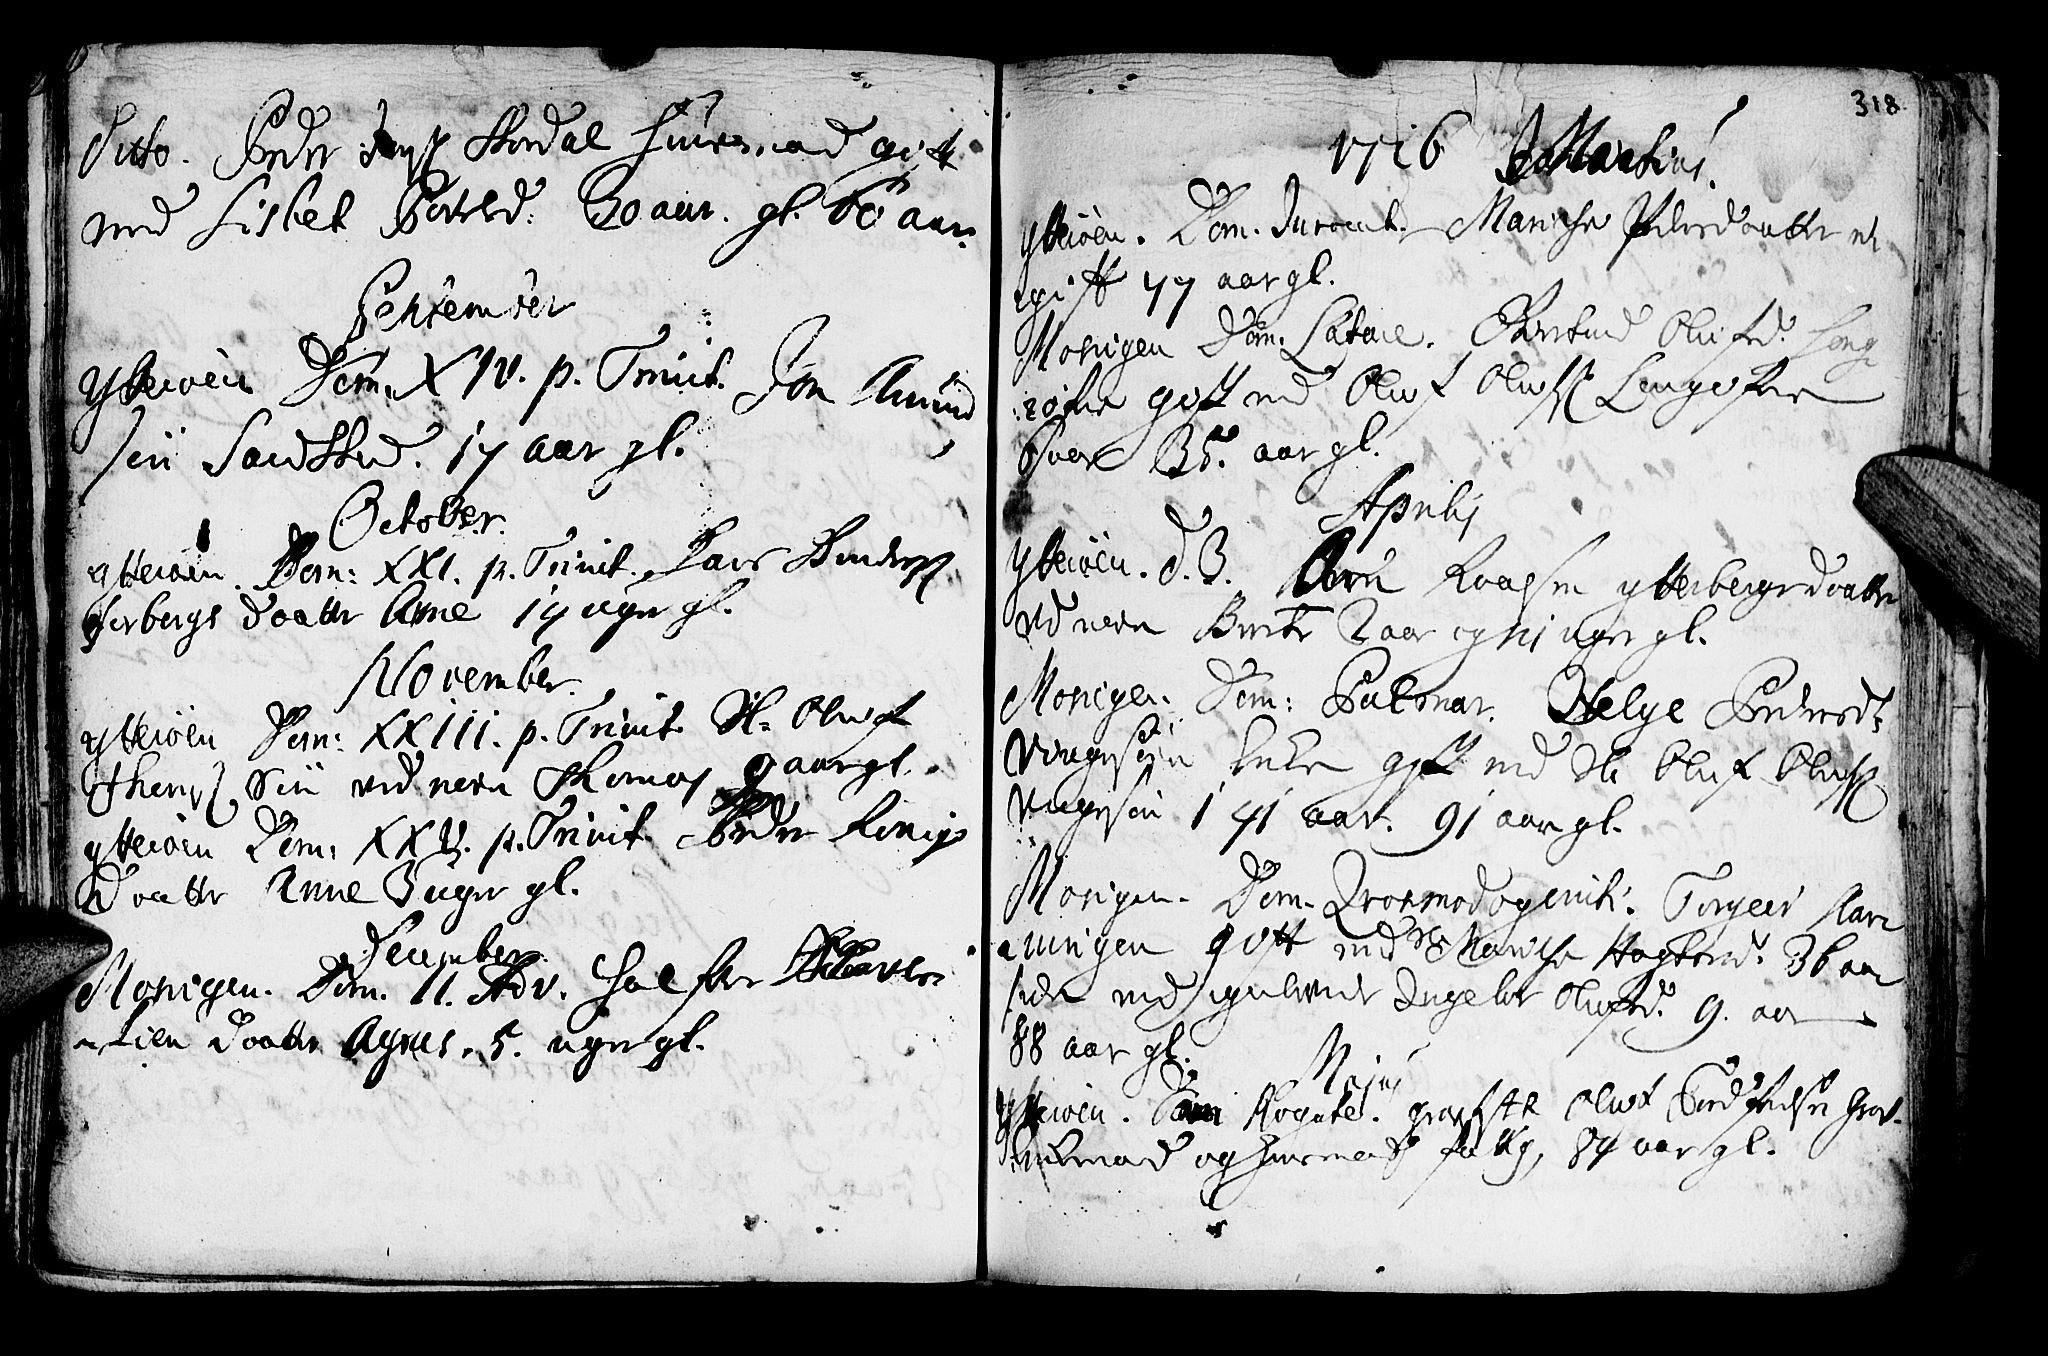 SAT, Ministerialprotokoller, klokkerbøker og fødselsregistre - Nord-Trøndelag, 722/L0215: Ministerialbok nr. 722A02, 1718-1755, s. 318